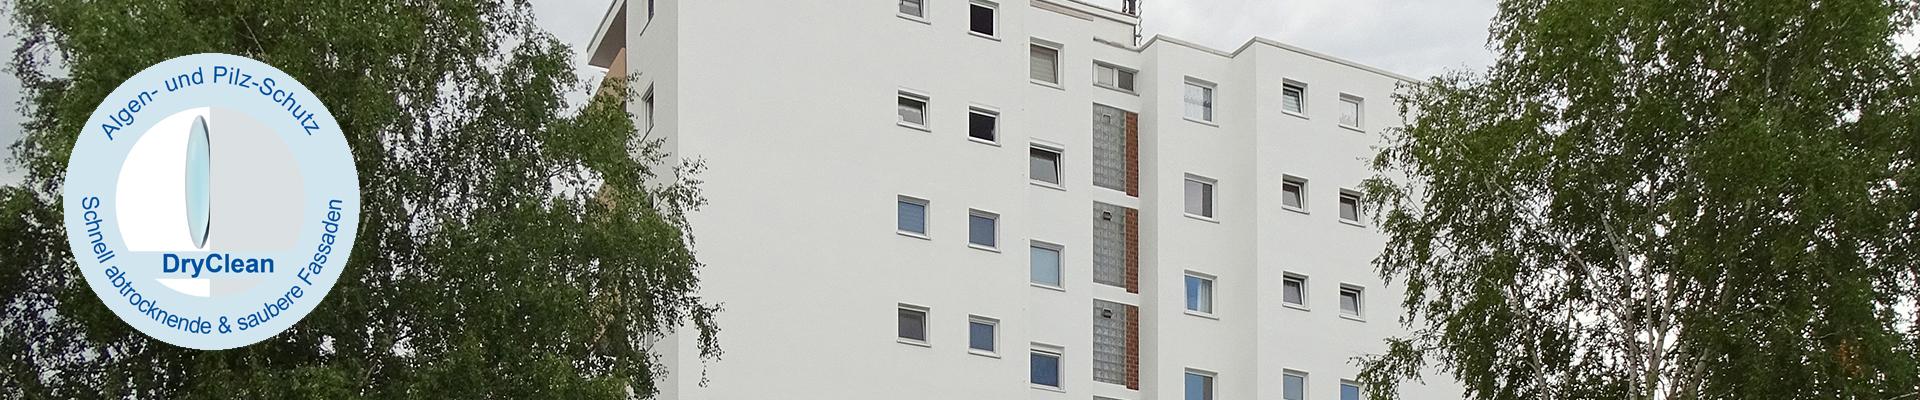 Schnell abtrocknende & saubere Fassaden – DryClean Fassadenfarbe